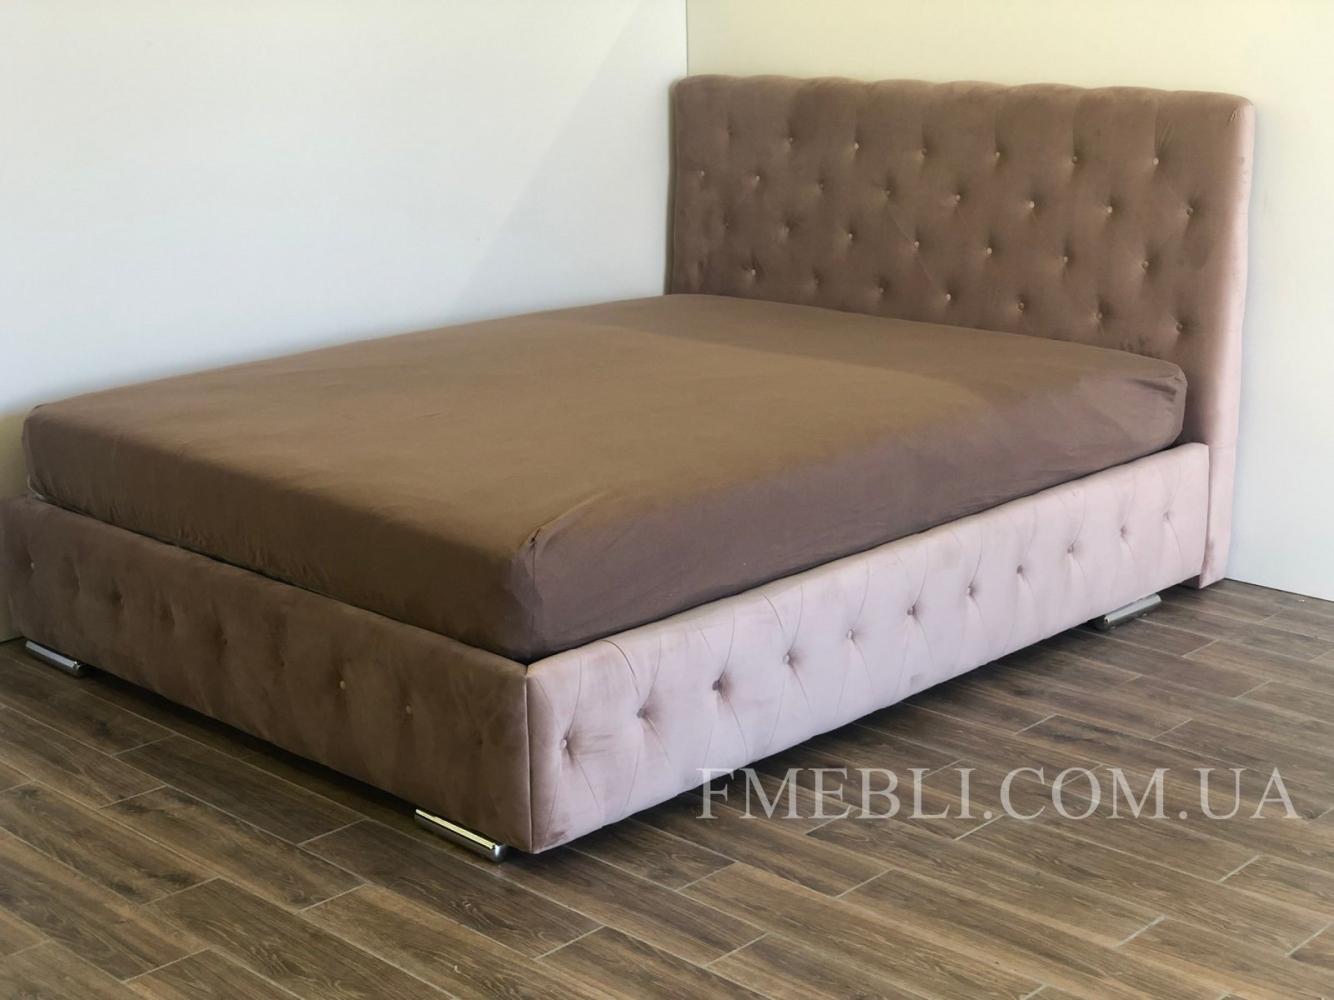 Ліжко Арабель з підйомним механізмом + ВІДЕООГЛЯД 3